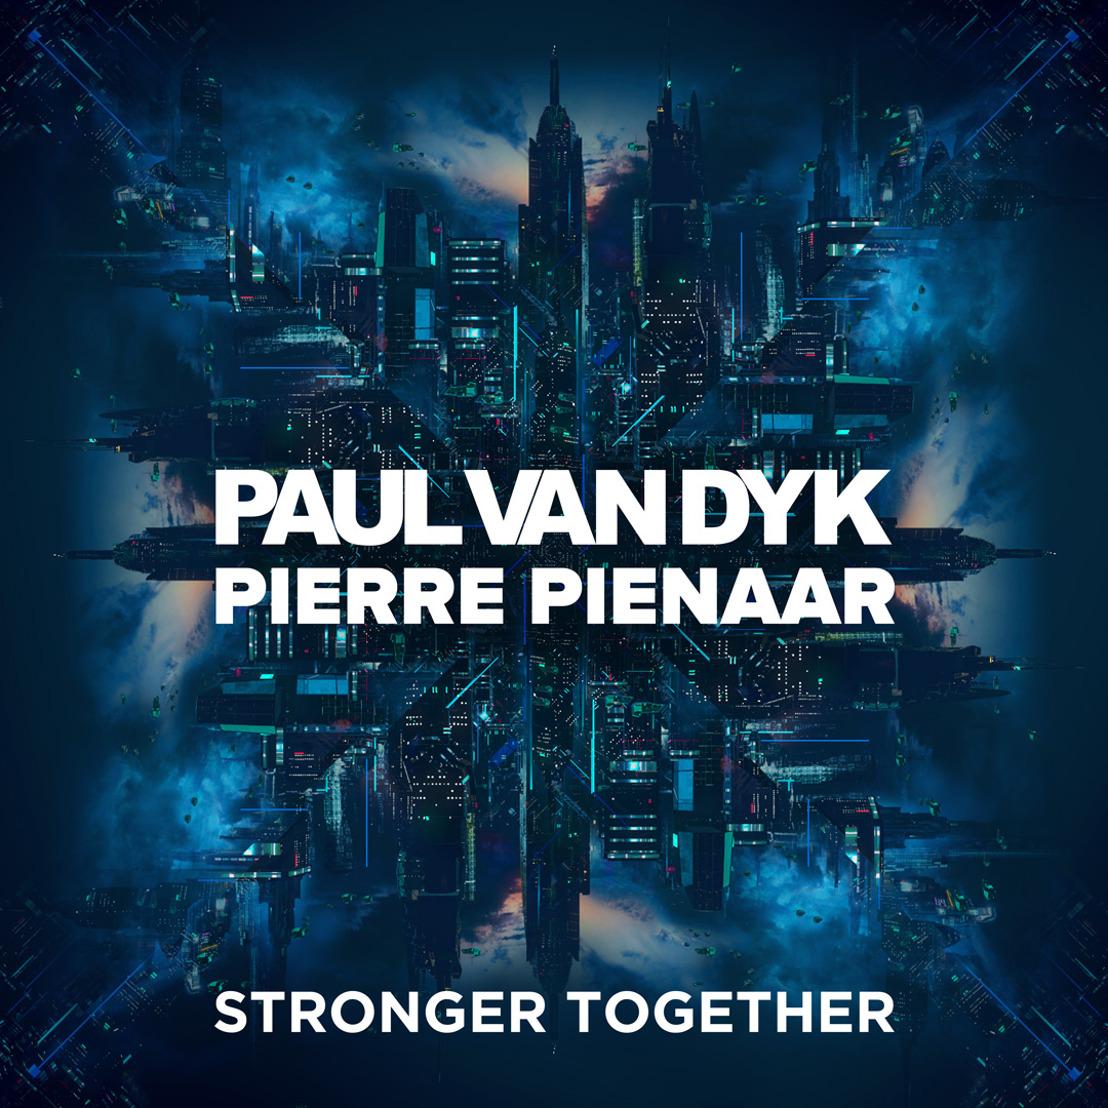 Paul van Dyk Releases New Track 'Stronger Together' with Pierre Pienaar